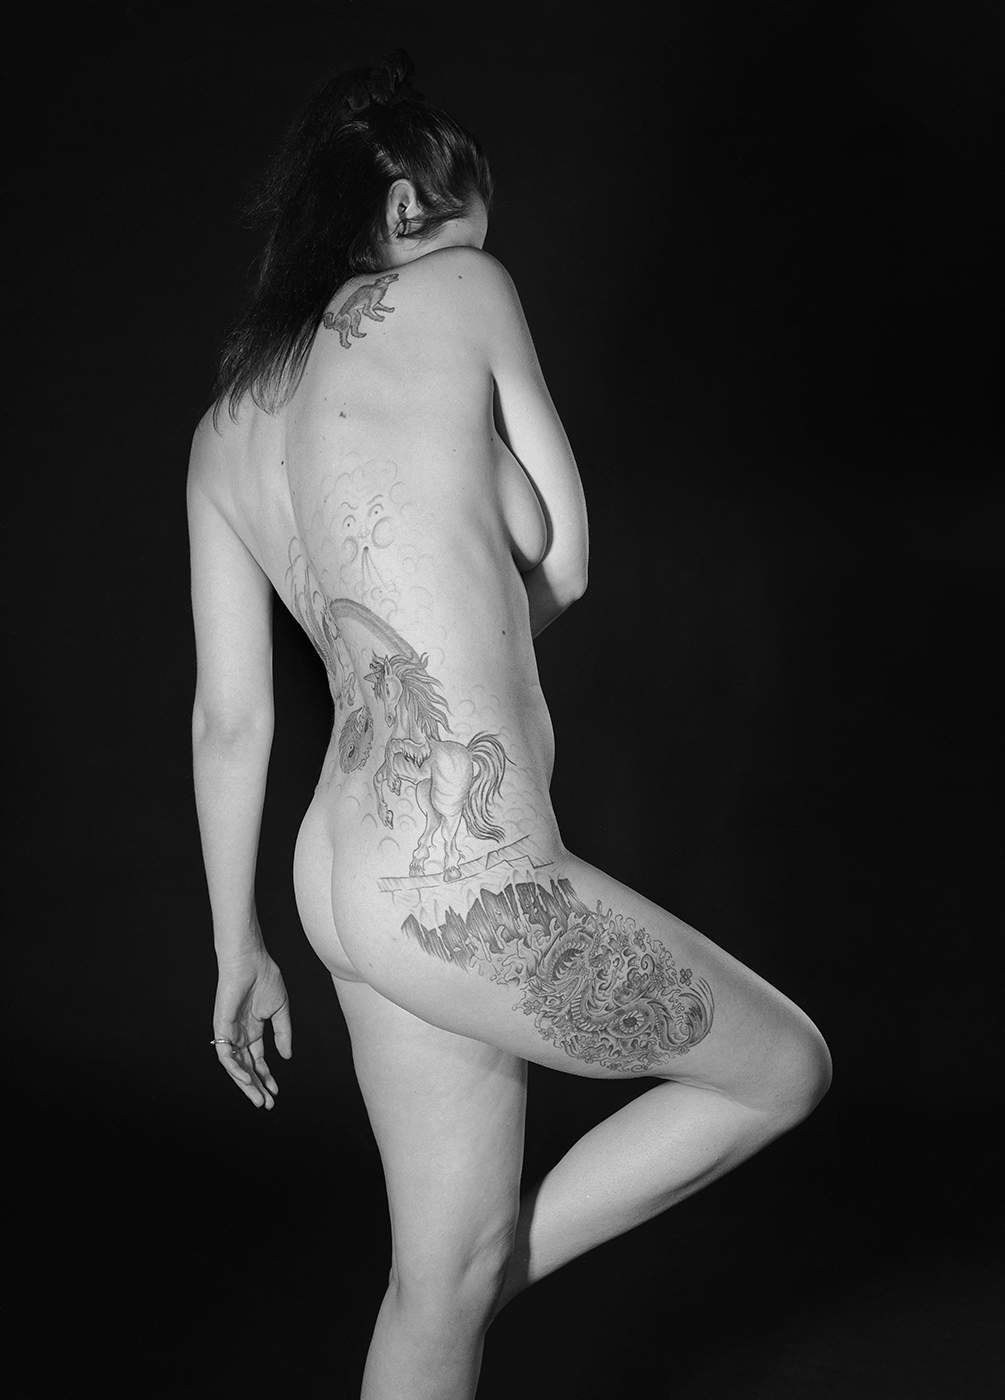 Vicky Bane